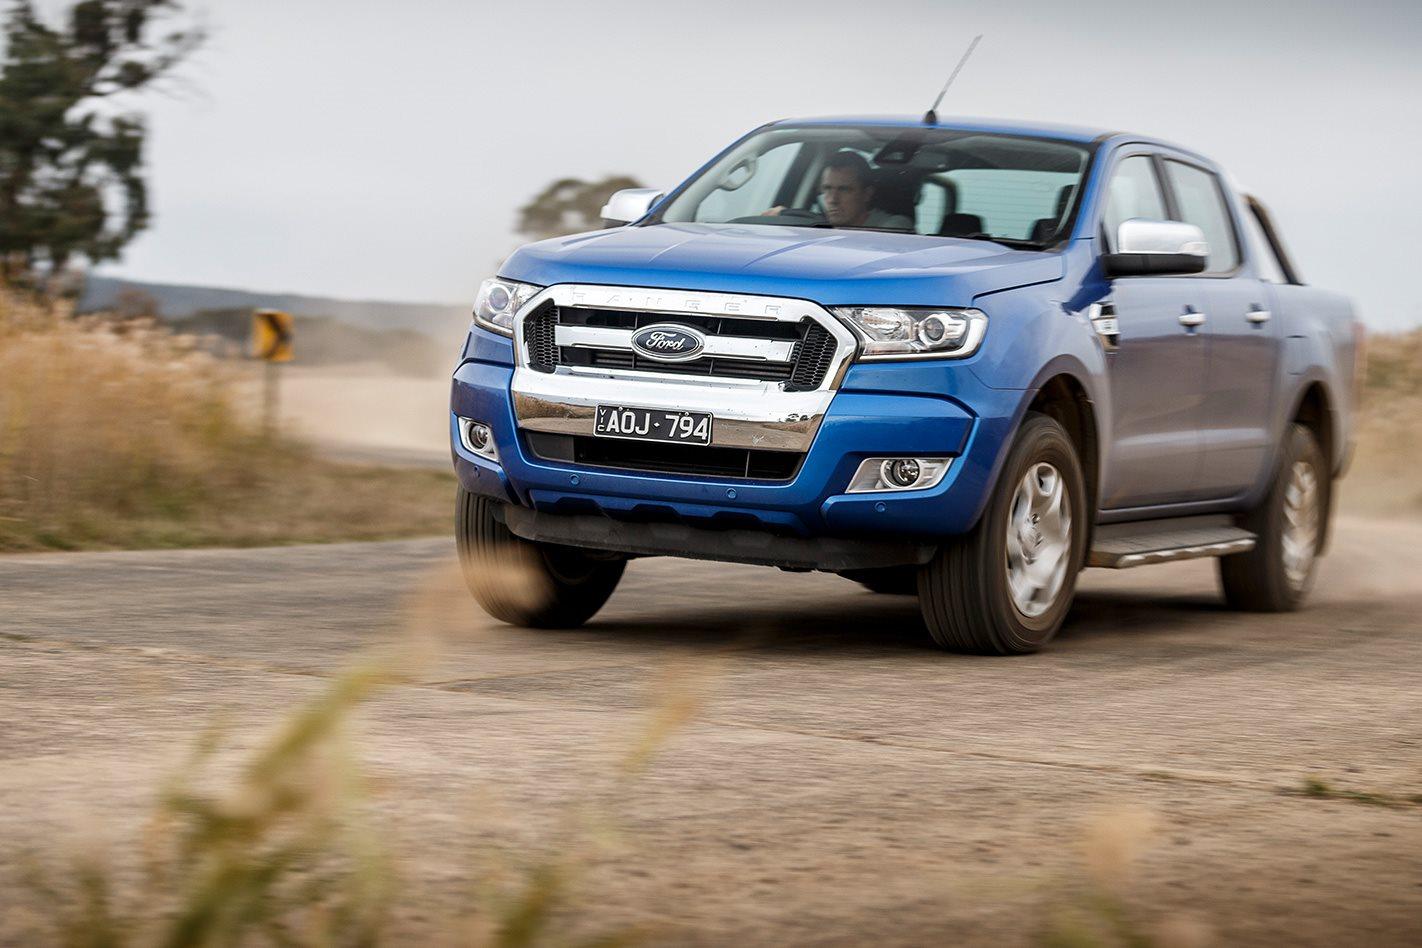 2018 Ford Ranger Xlt Review Wheels Ute Megatest 2nd